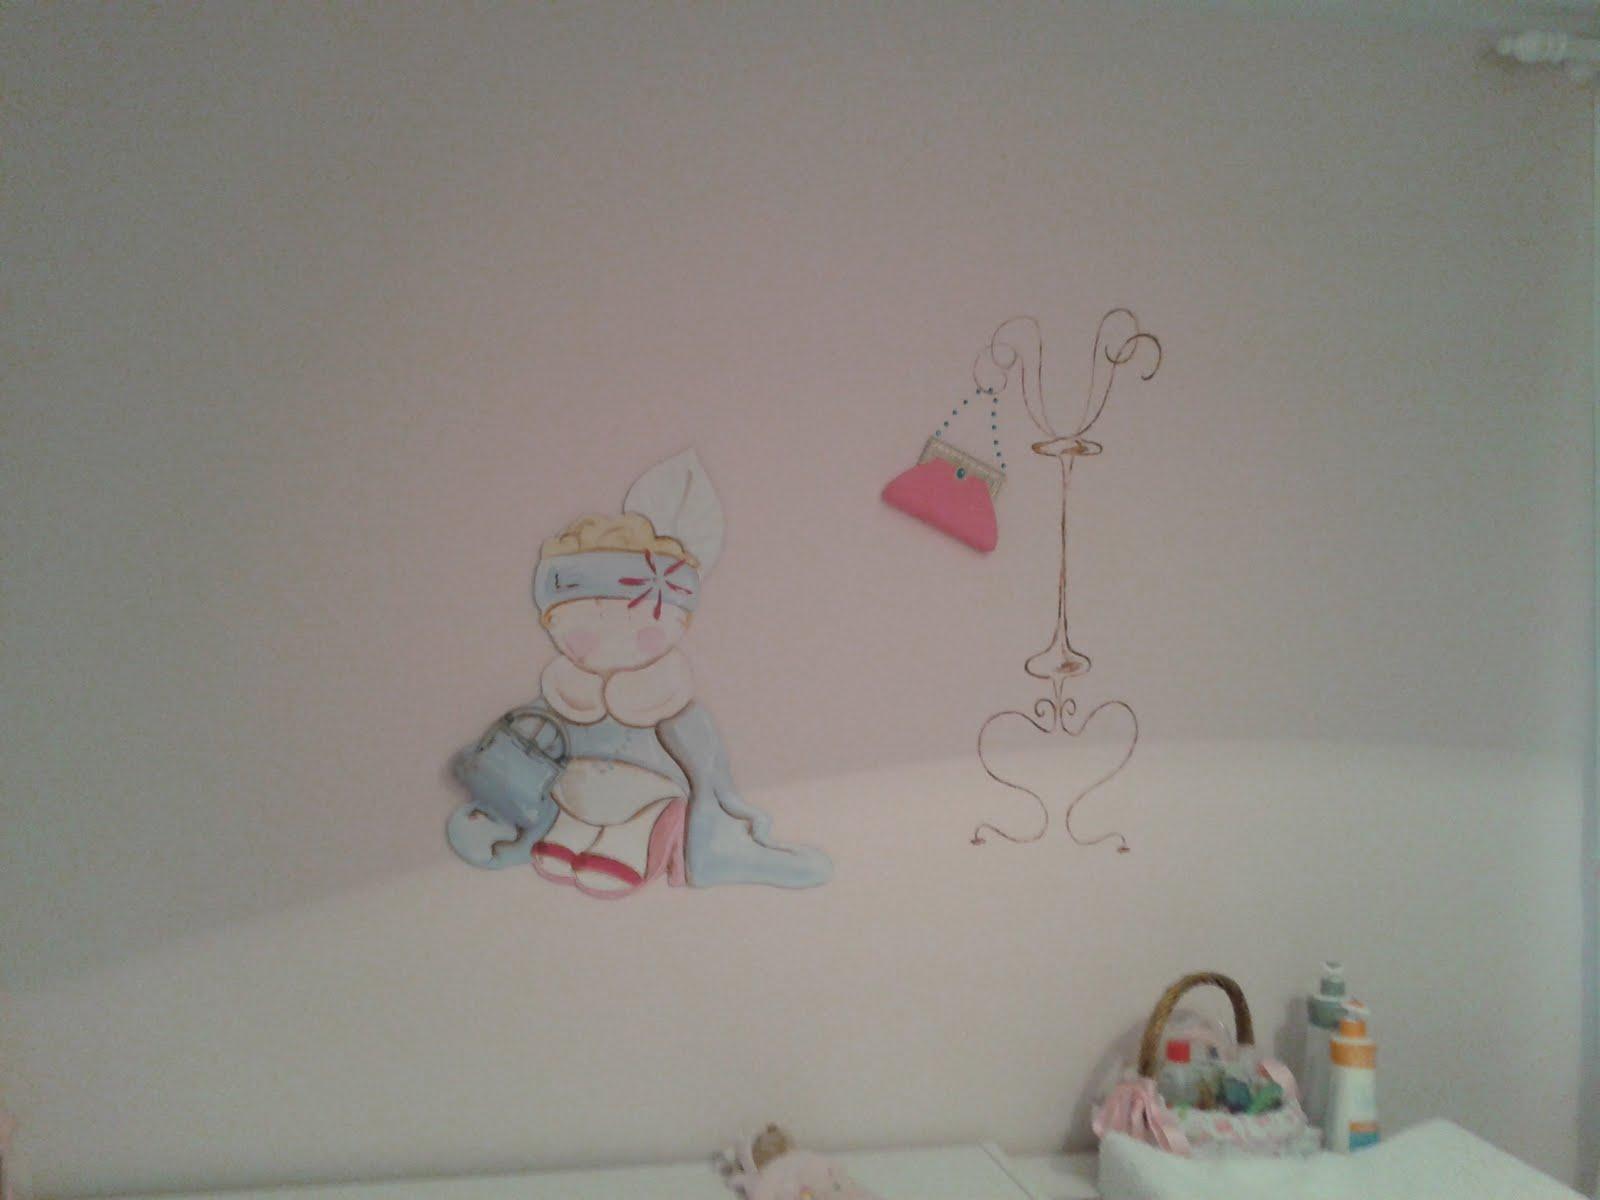 Des murs enchant s chambre bebe peinture murale d 39 une - Chambre bebe peinture murale ...